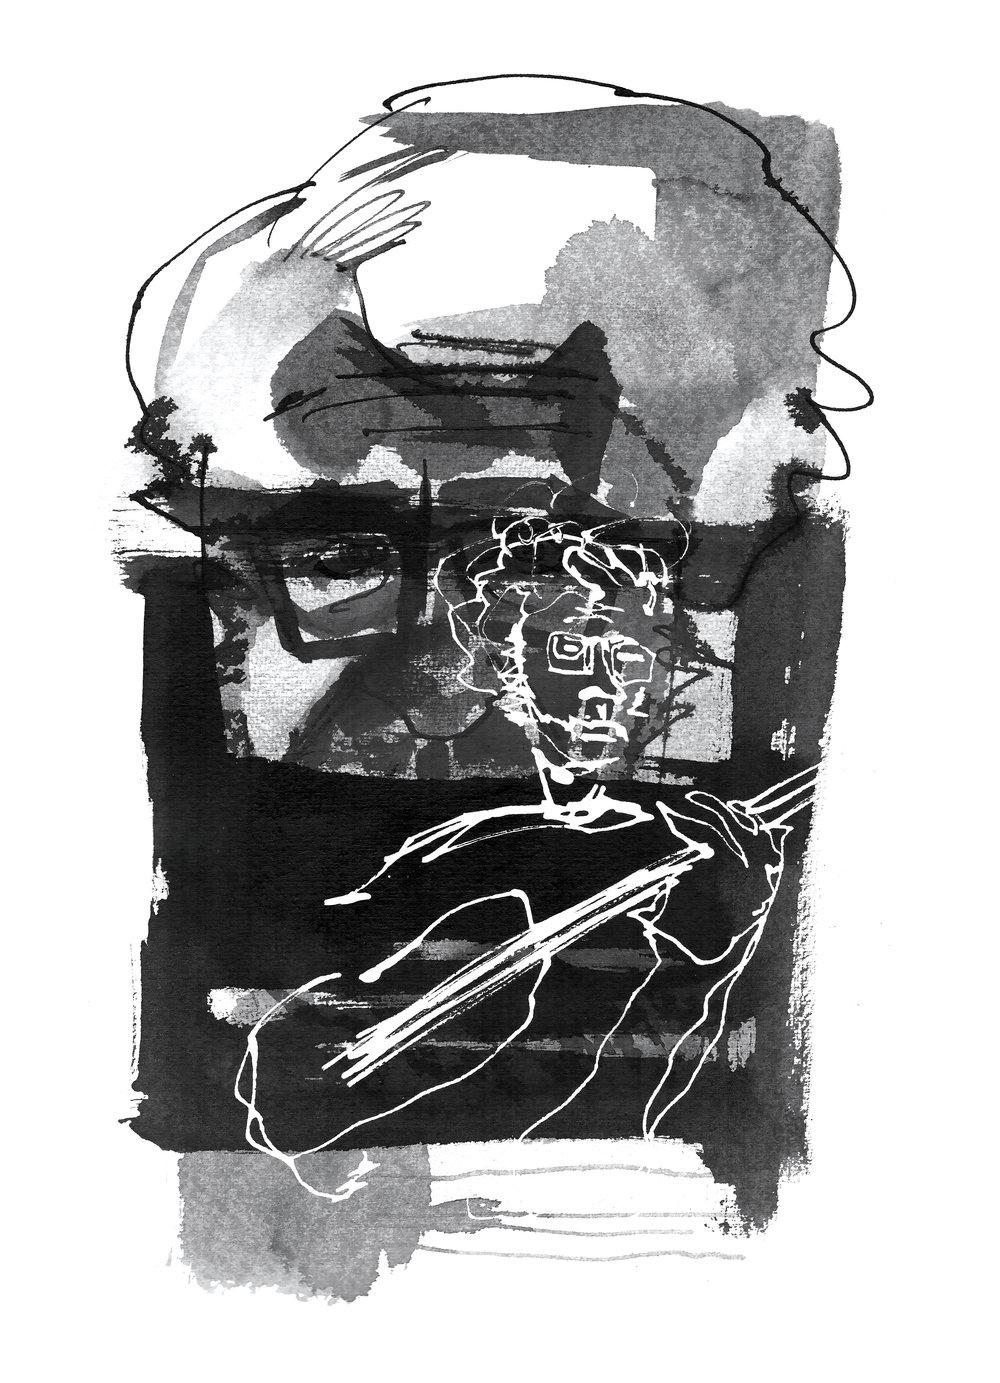 """Tomás """"Autómata"""" de Camino Beck Illustration by José Pablo Ureña"""